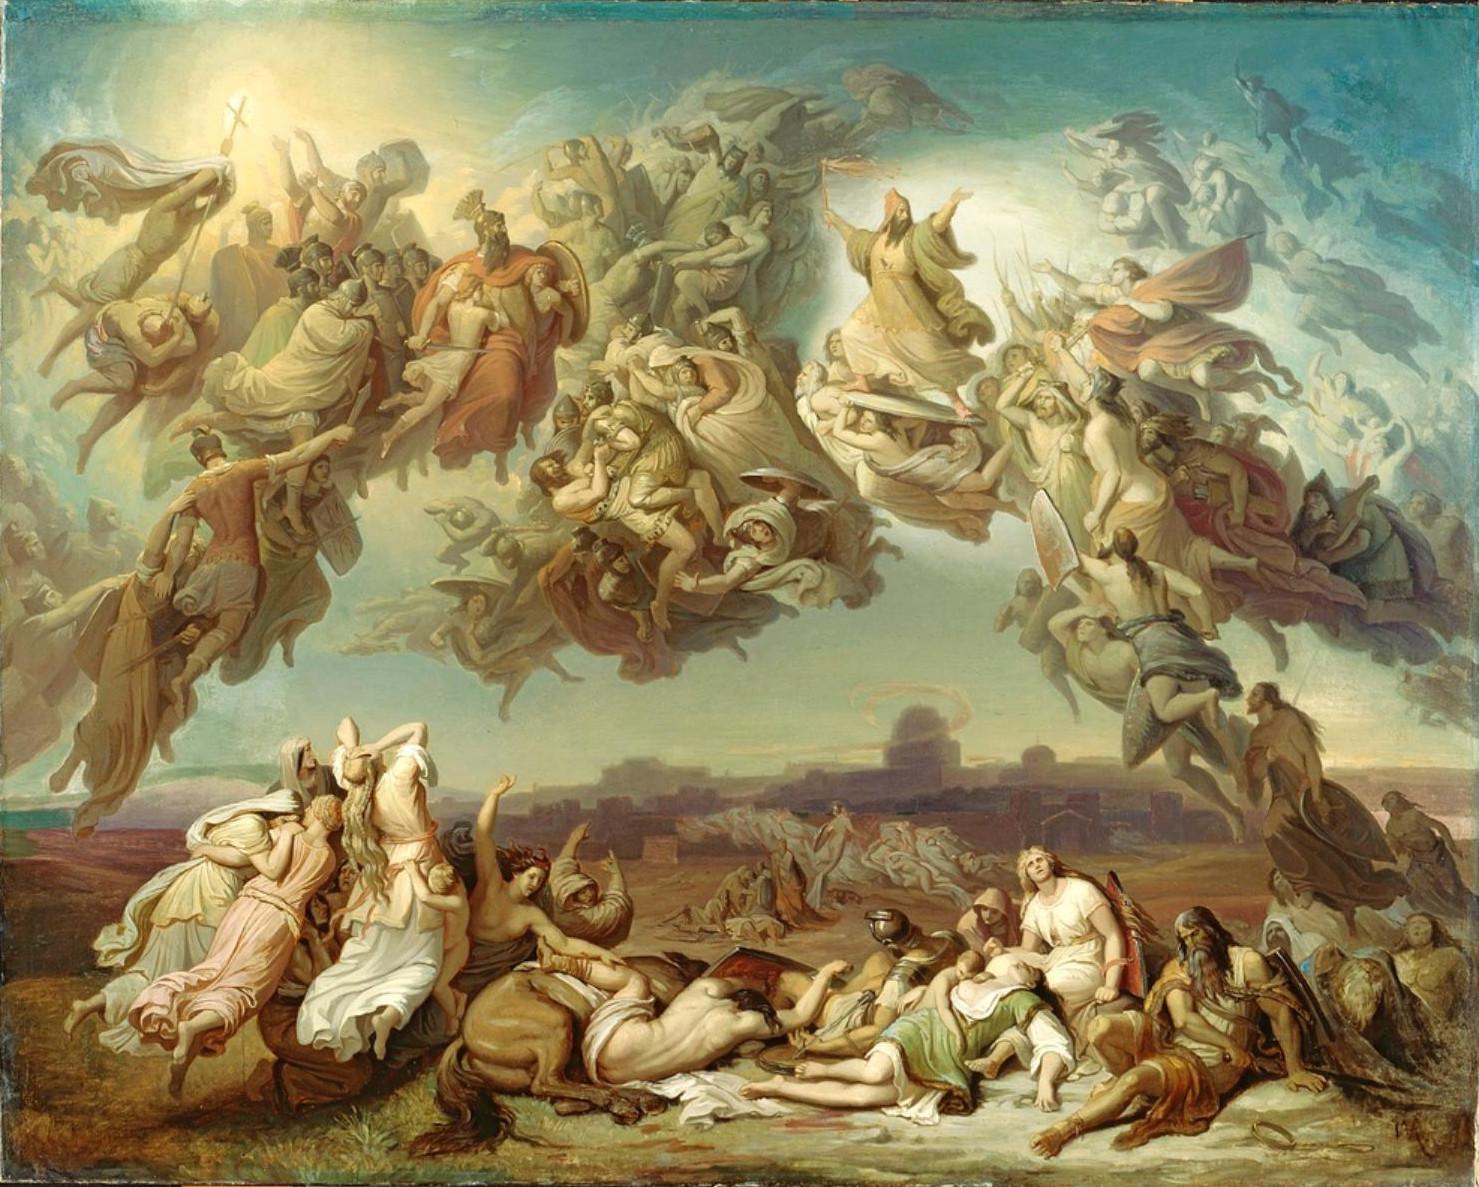 «Die Hunnenschlacht», tableau de Wilhelm von Kaulbach se trouvant actuellement dans la nouvelle Pinakothek de Münich